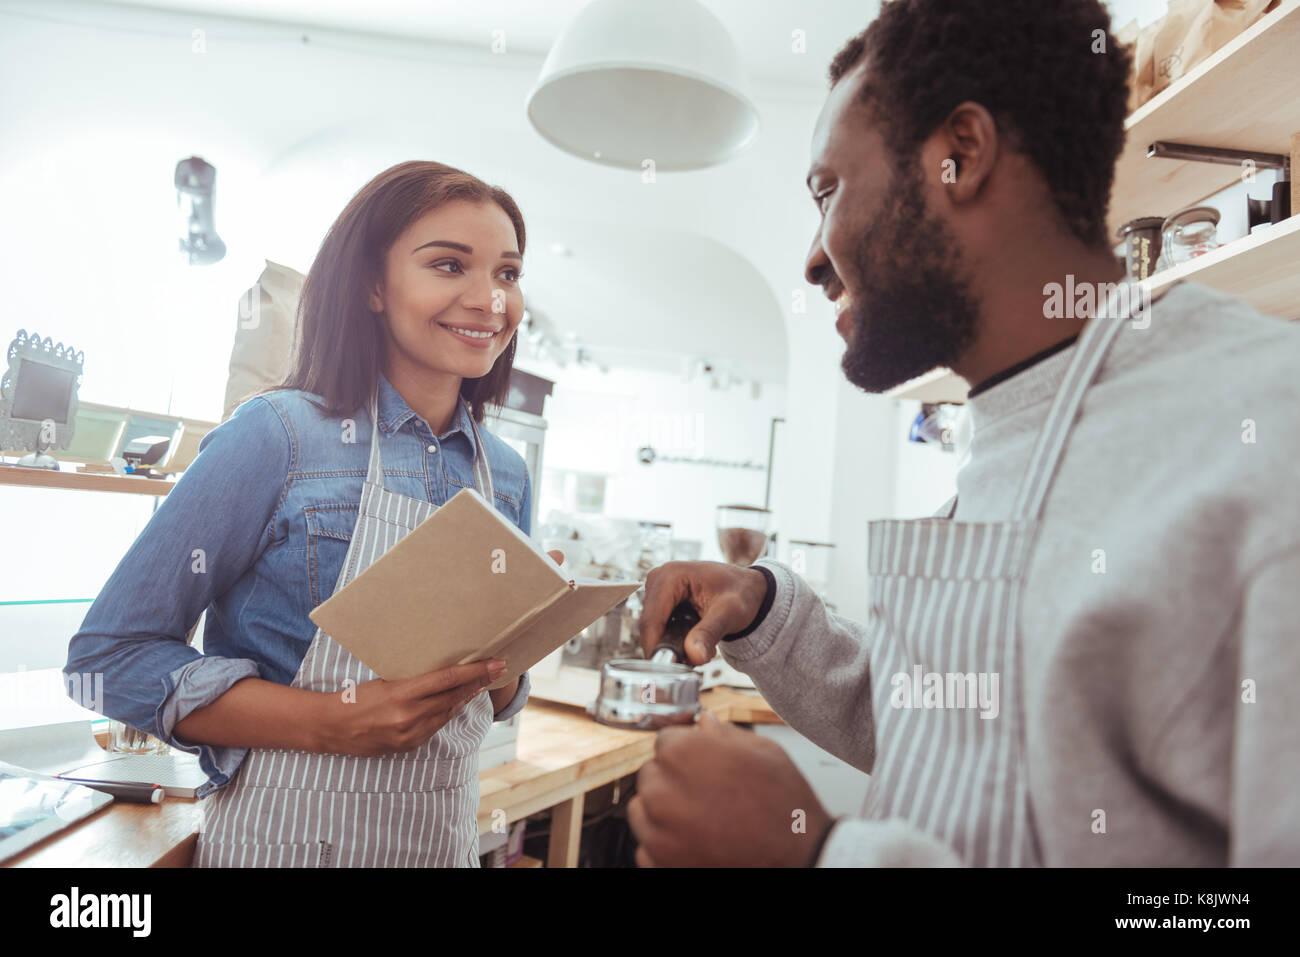 Affascinante barista spiegando il suo collega come utilizzare portafilter Immagini Stock